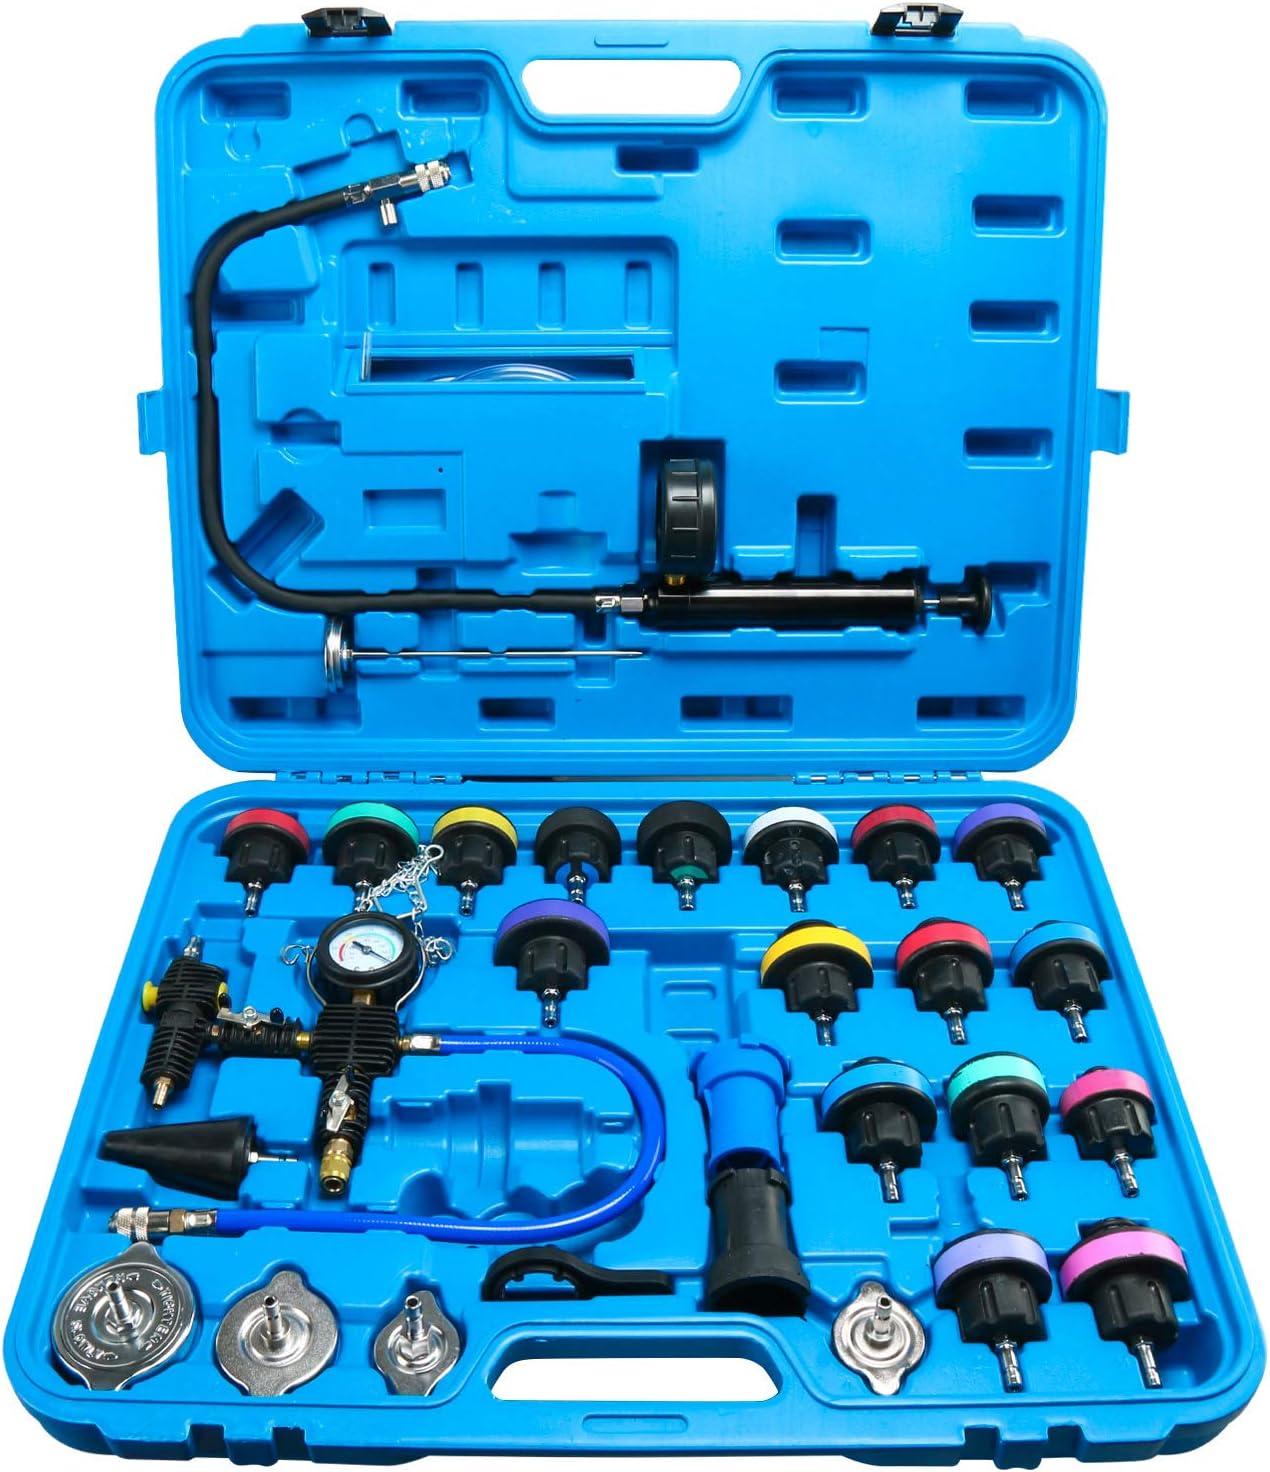 FreeTec Probador de Sistema de Enfriamiento Probador de Presión de Refrigeración Microesferas Del Tanque de Agua, 28 Piezas